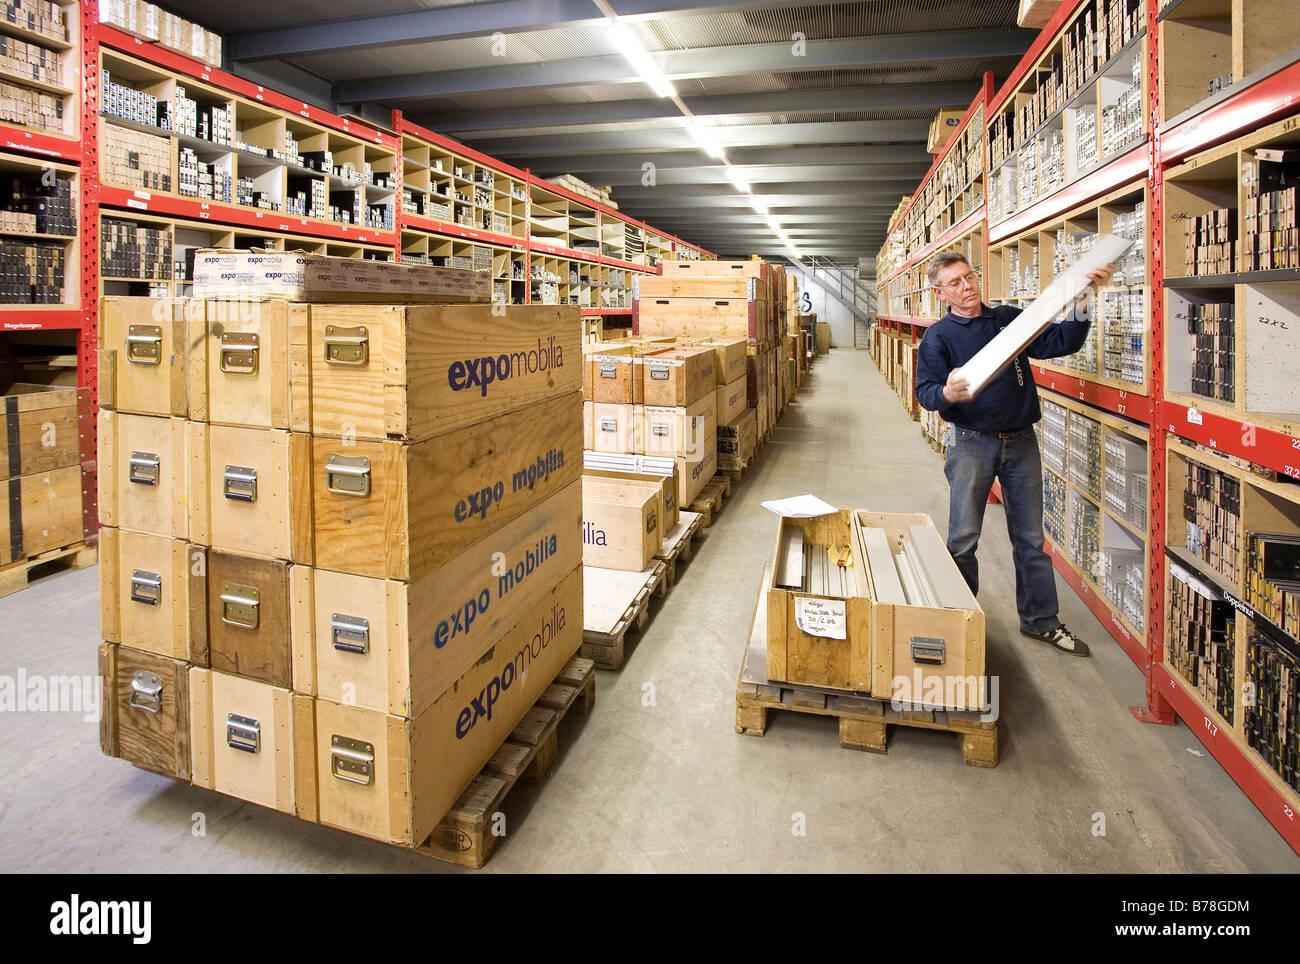 Warehouse Manager para la empresa Expomobilia que construye edificio de clasificación de puestos de exhibición Imagen De Stock